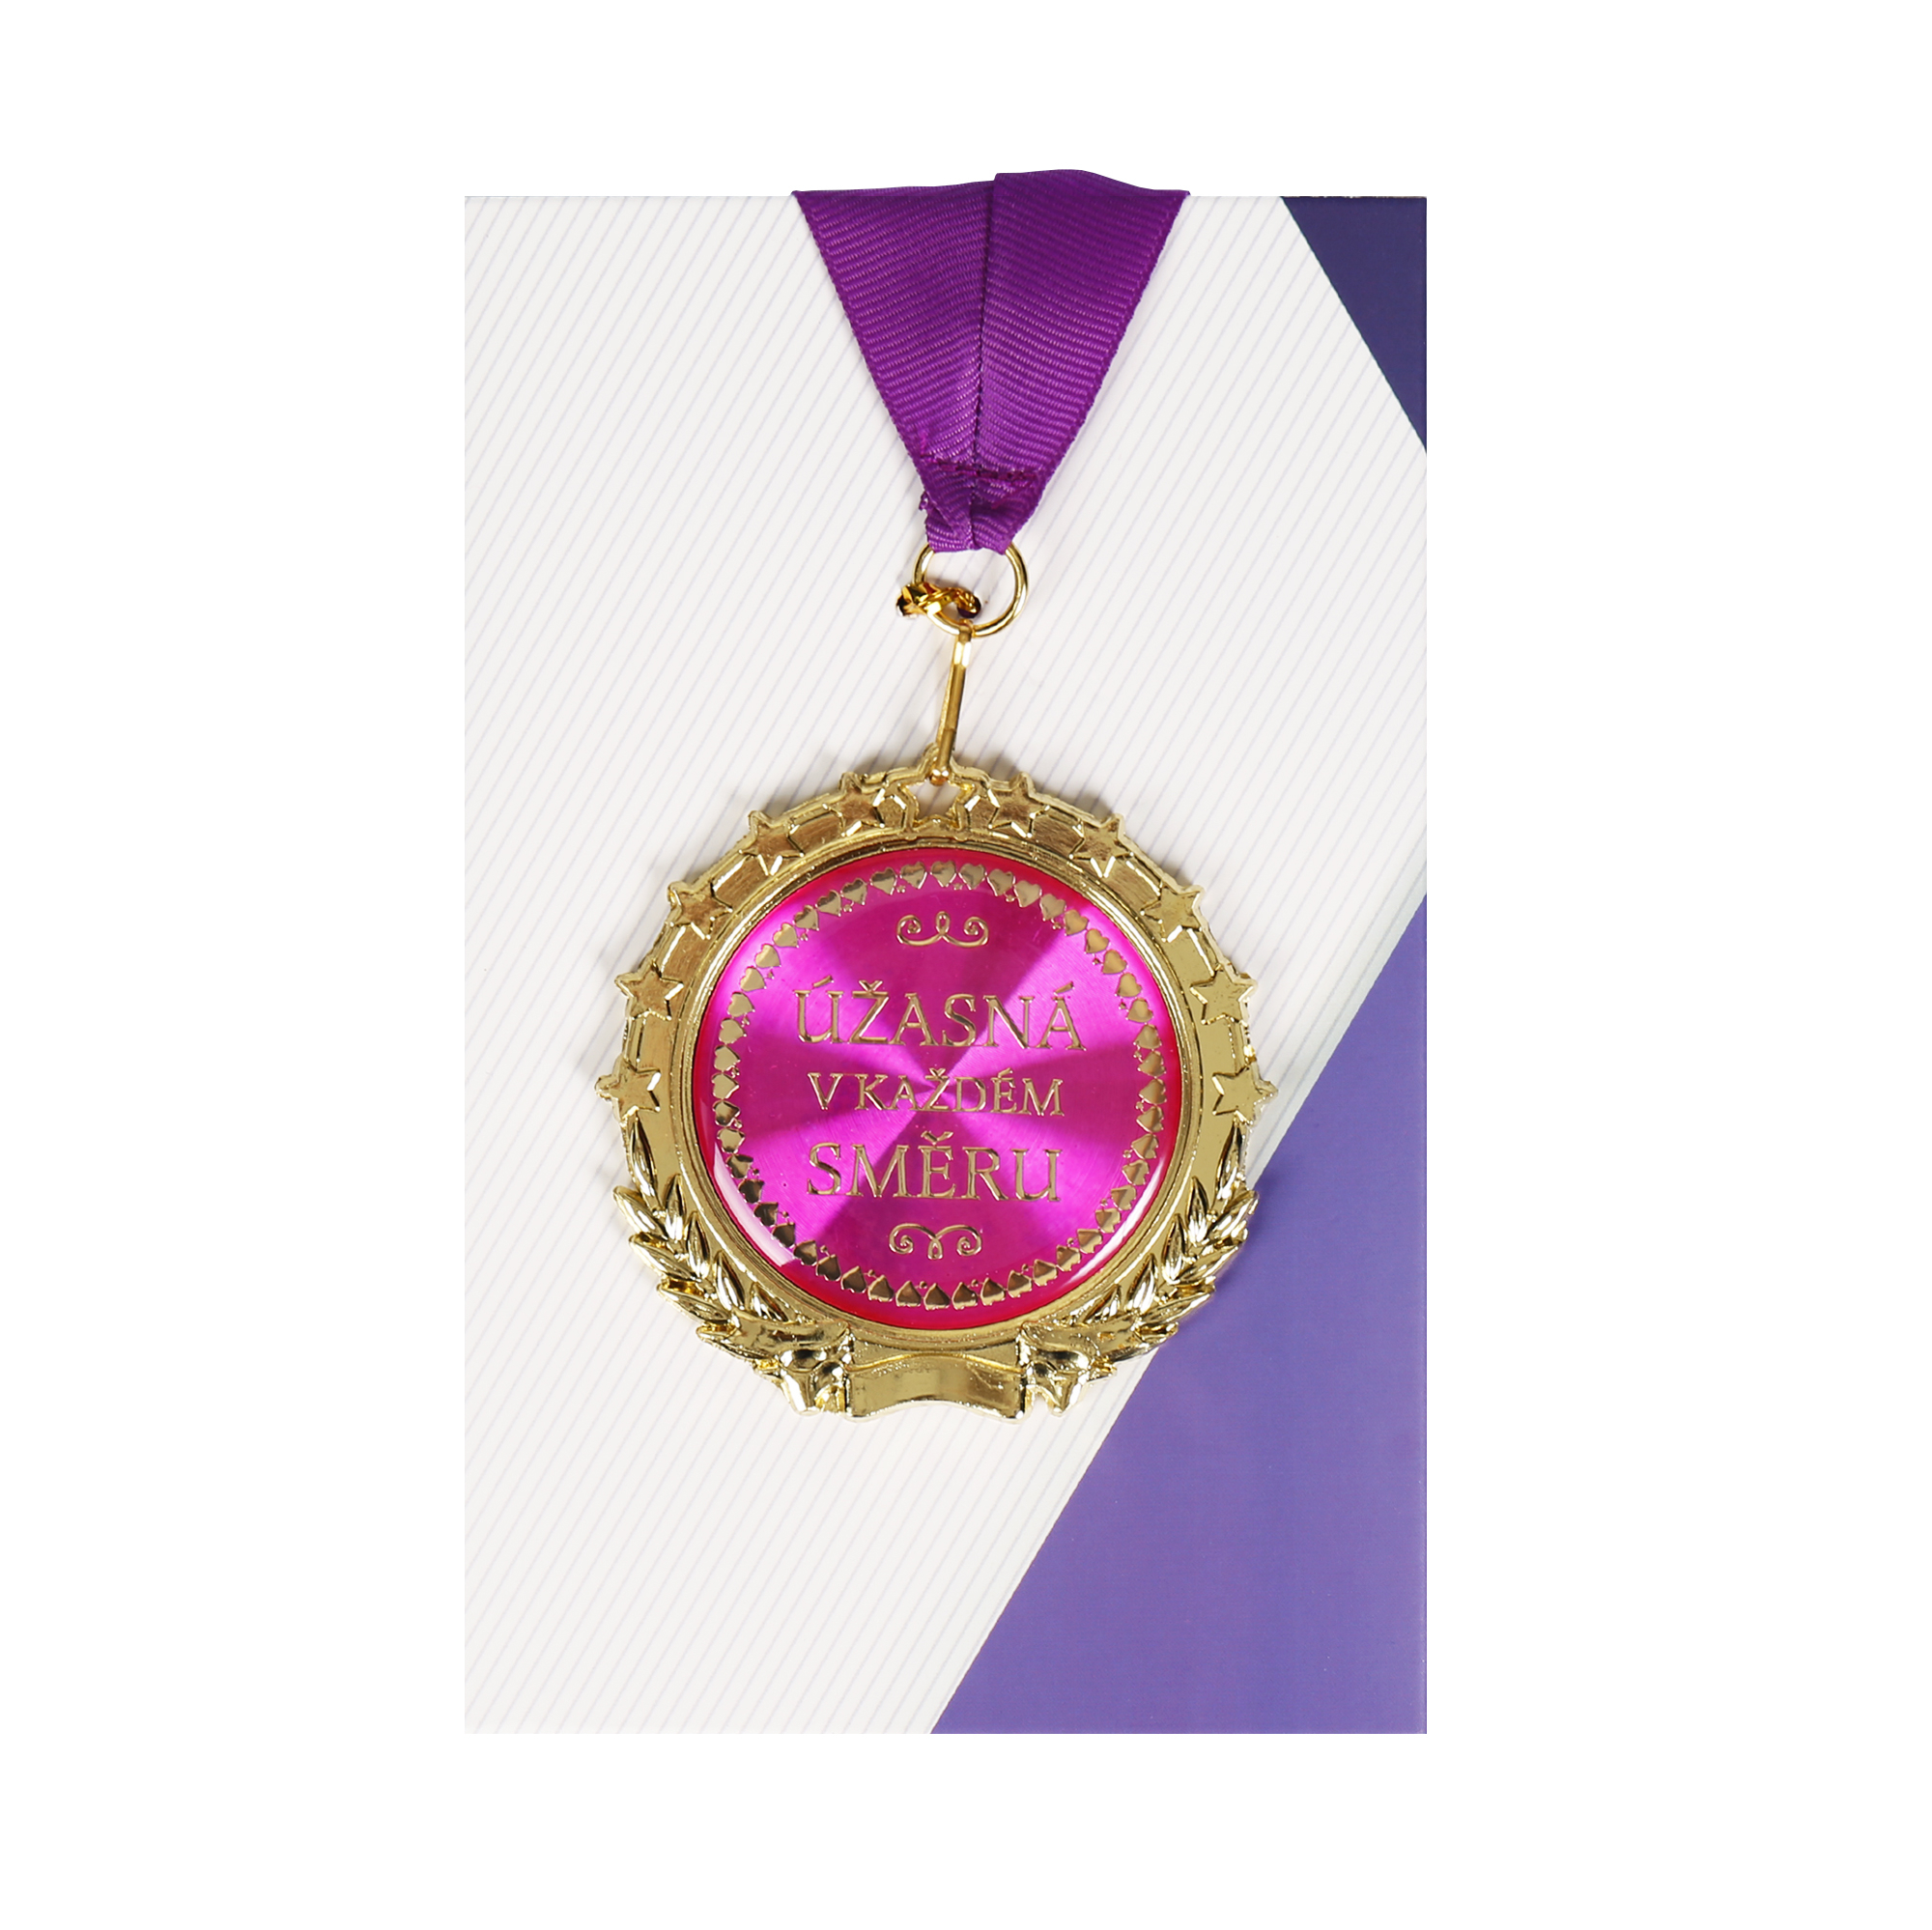 Přání s medailí - Úžasná